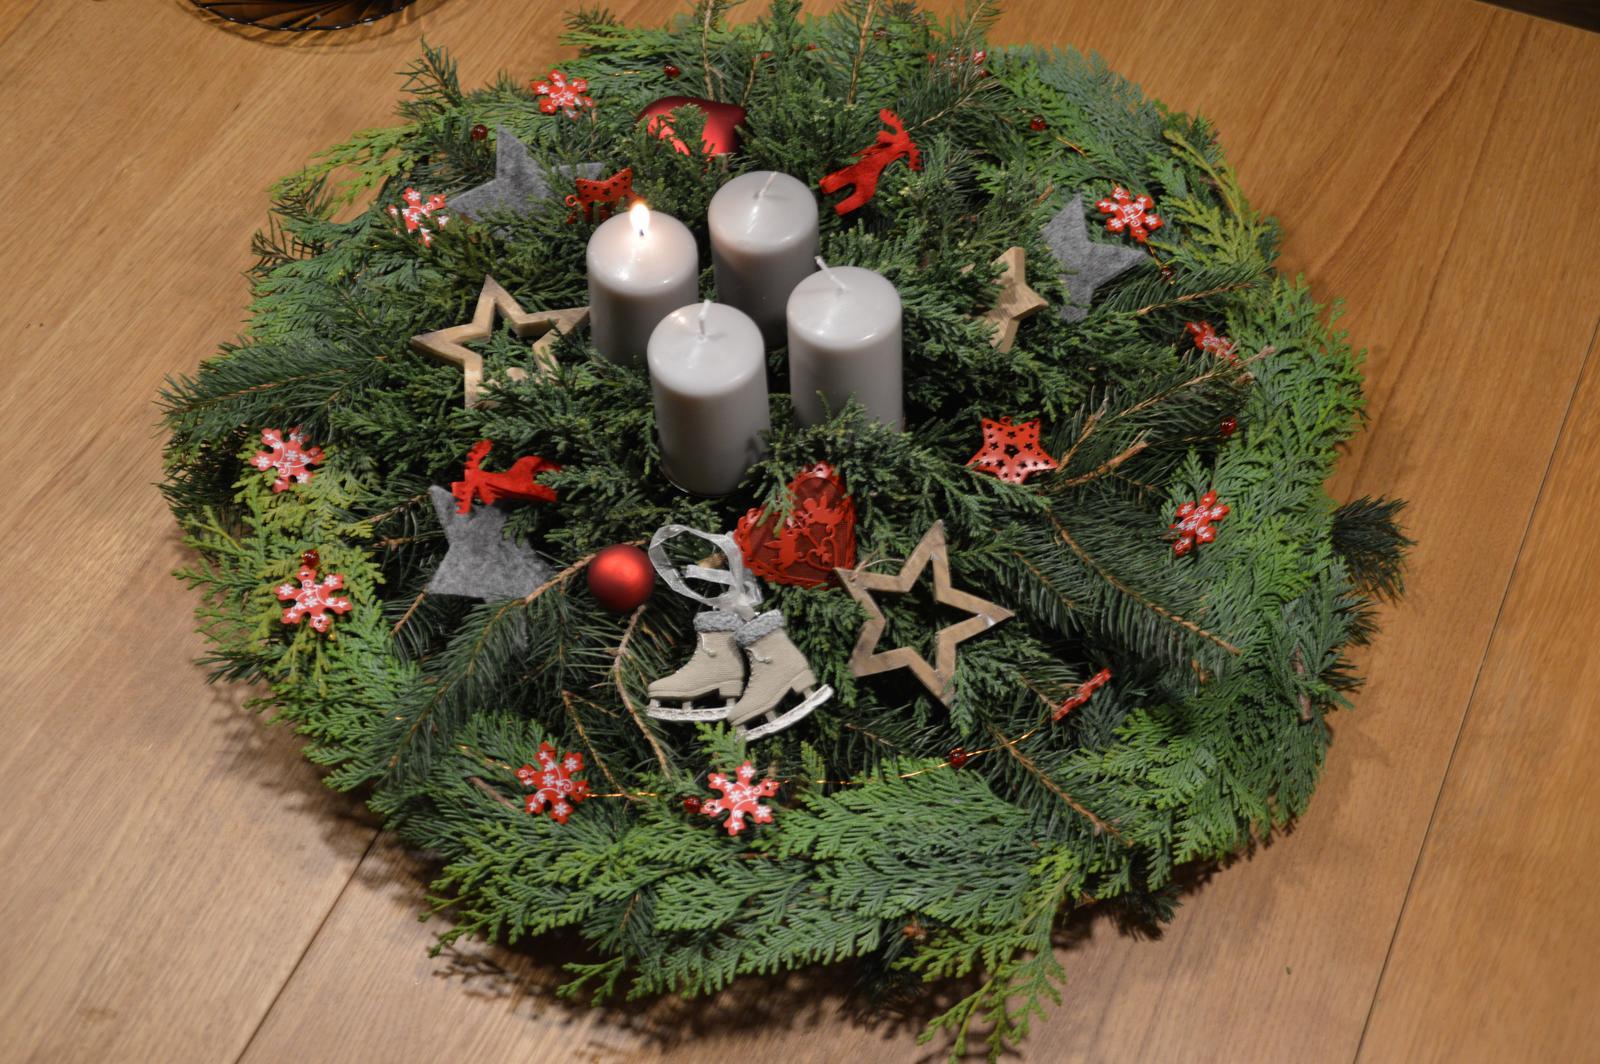 ★☆★Adventný a vianočný čas u nás ... ★☆★ 2015, 2016 - dnes už aj veniec - ako inak - u nás každý rok iba voňavý :-)